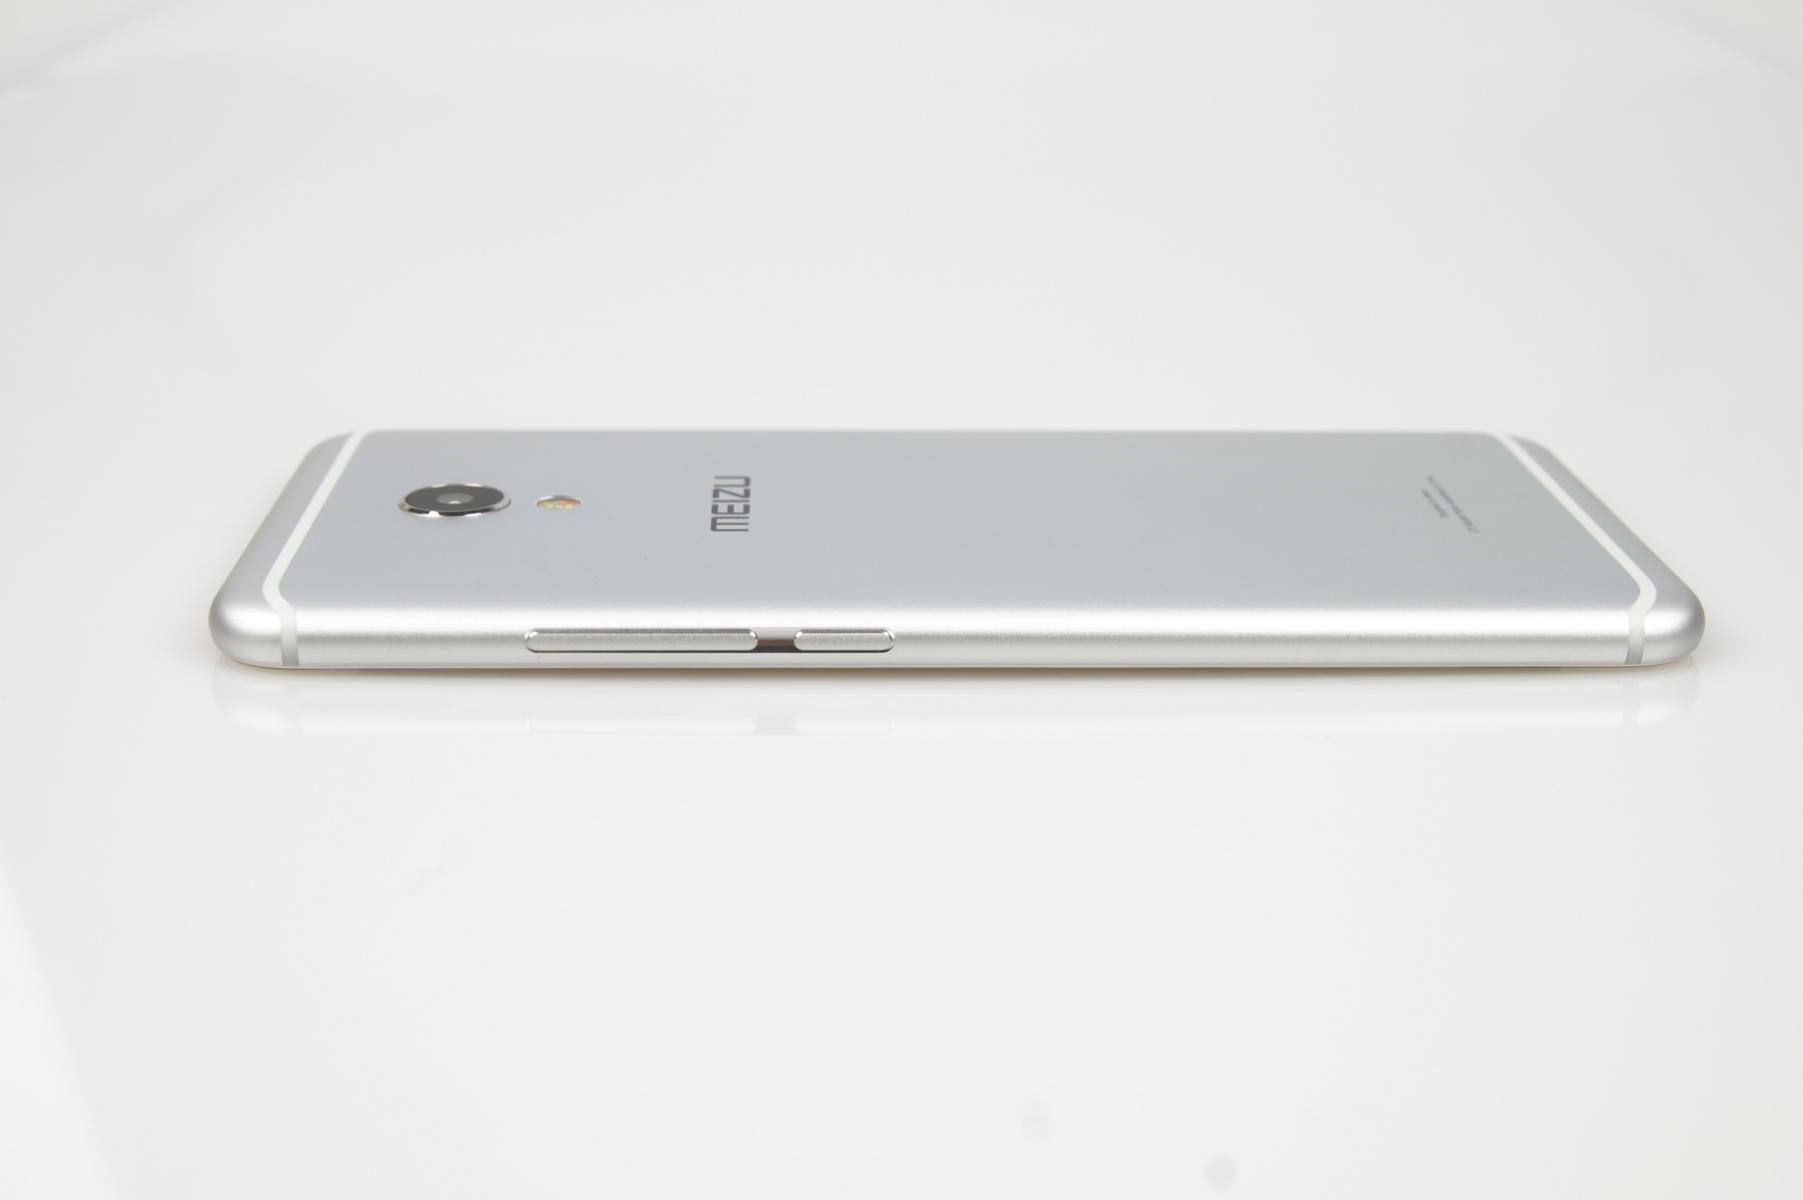 Meizu Mx6 Testbericht Guter Allrounder Aber Nicht Perfekt 32gb Ram 4gb Gold Mx 6 Test Design Verarbeitung 2